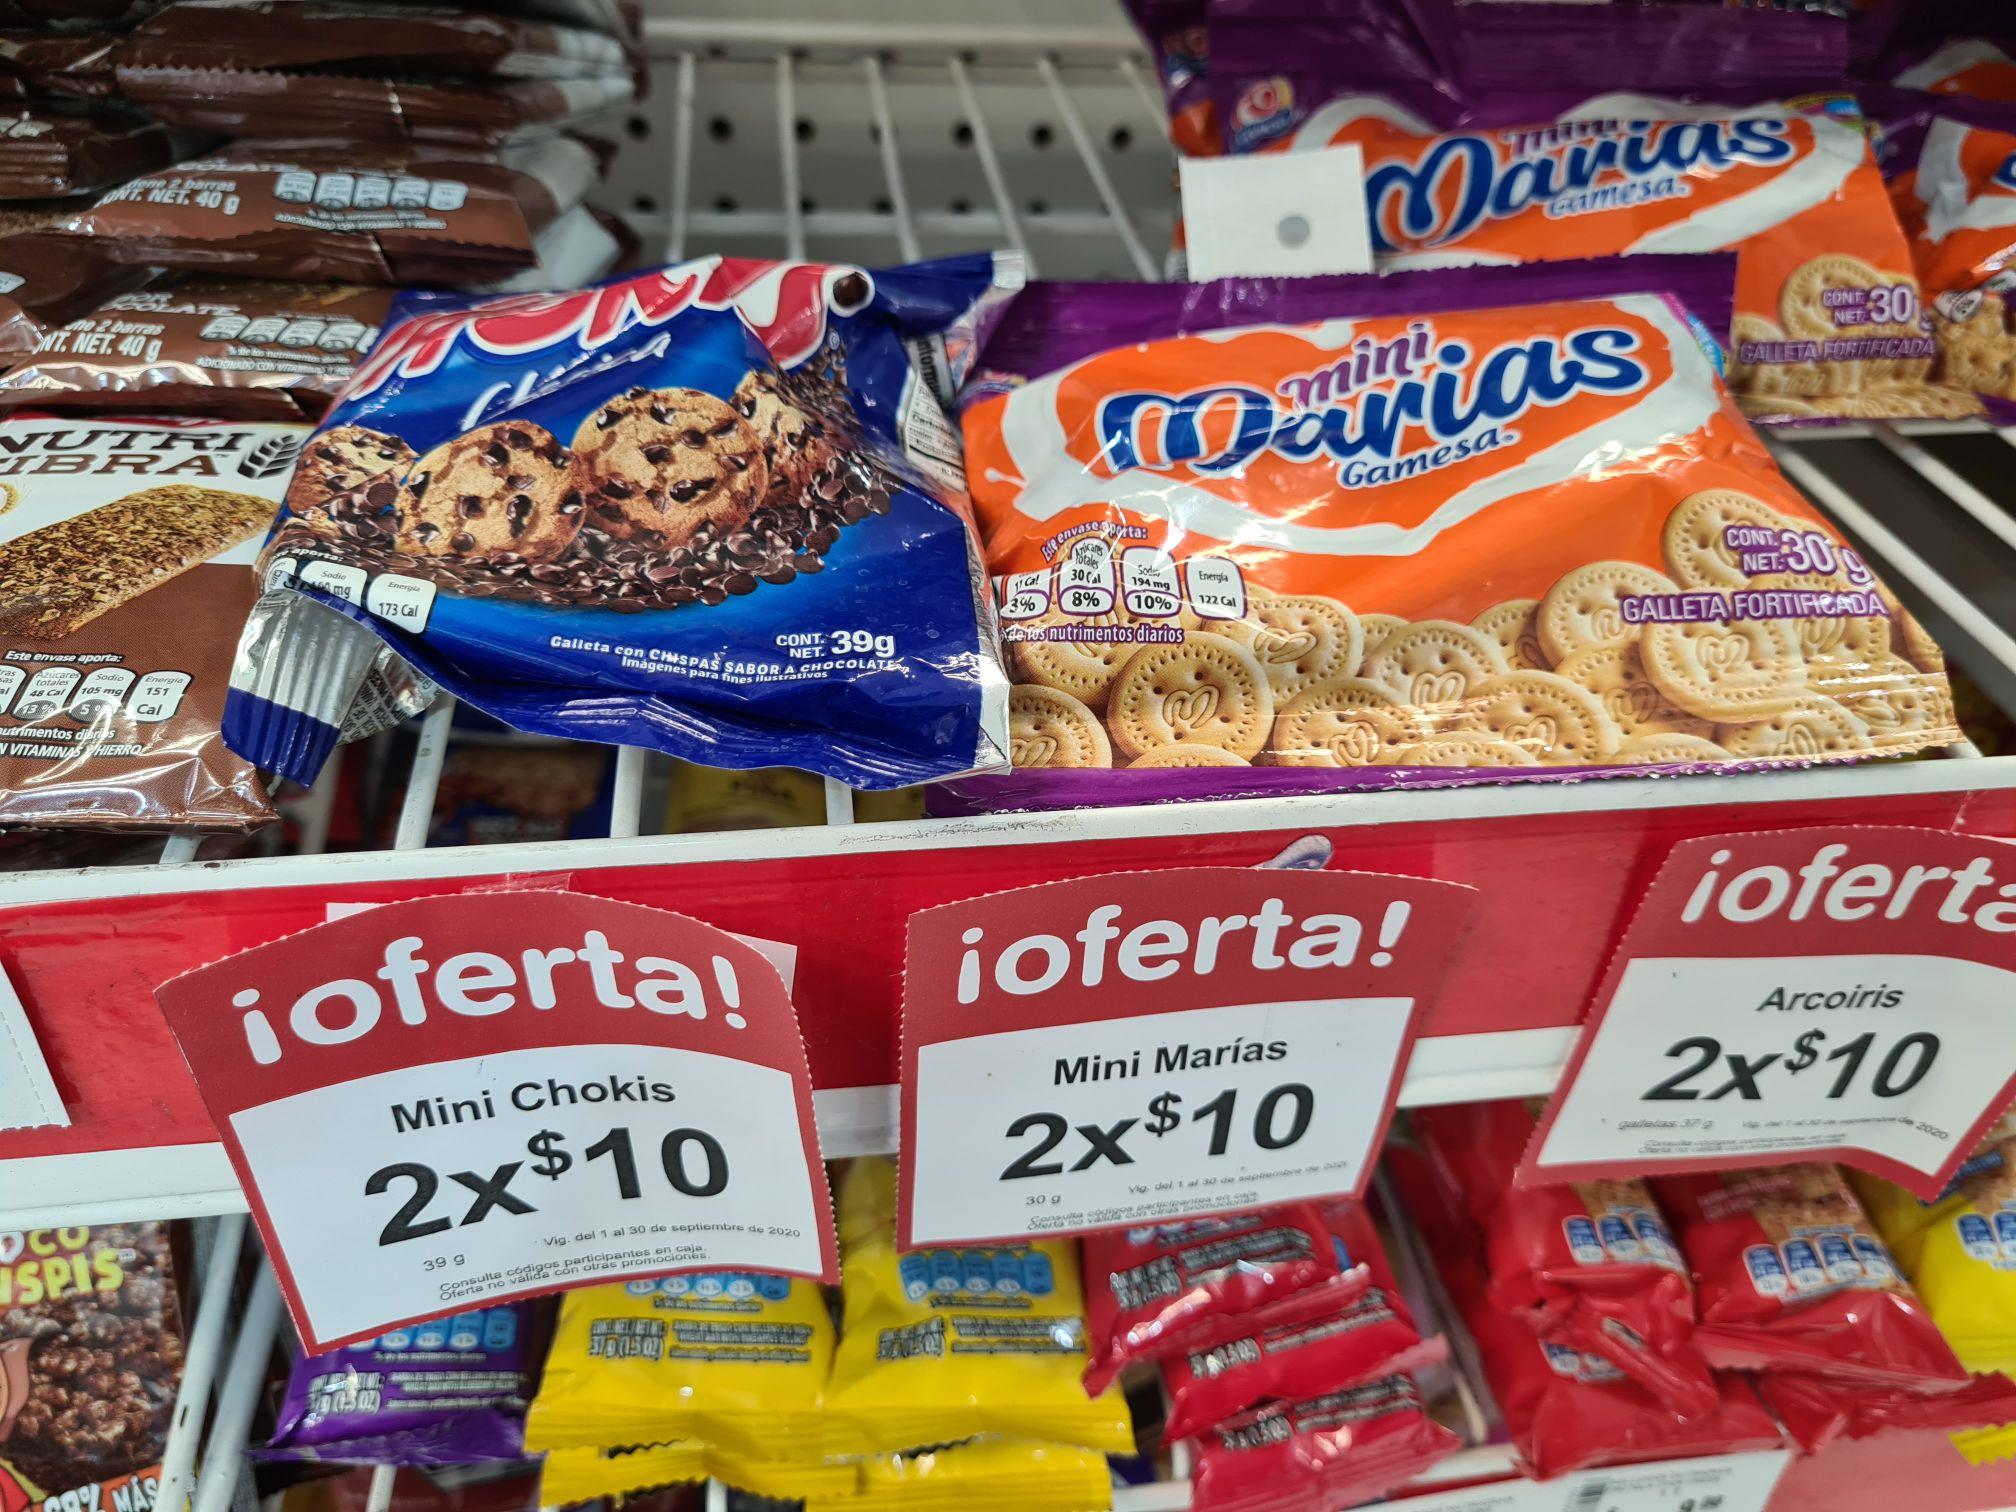 Farmacias Benavides: Mini Chokis y Mini Marias en 5 pesitos